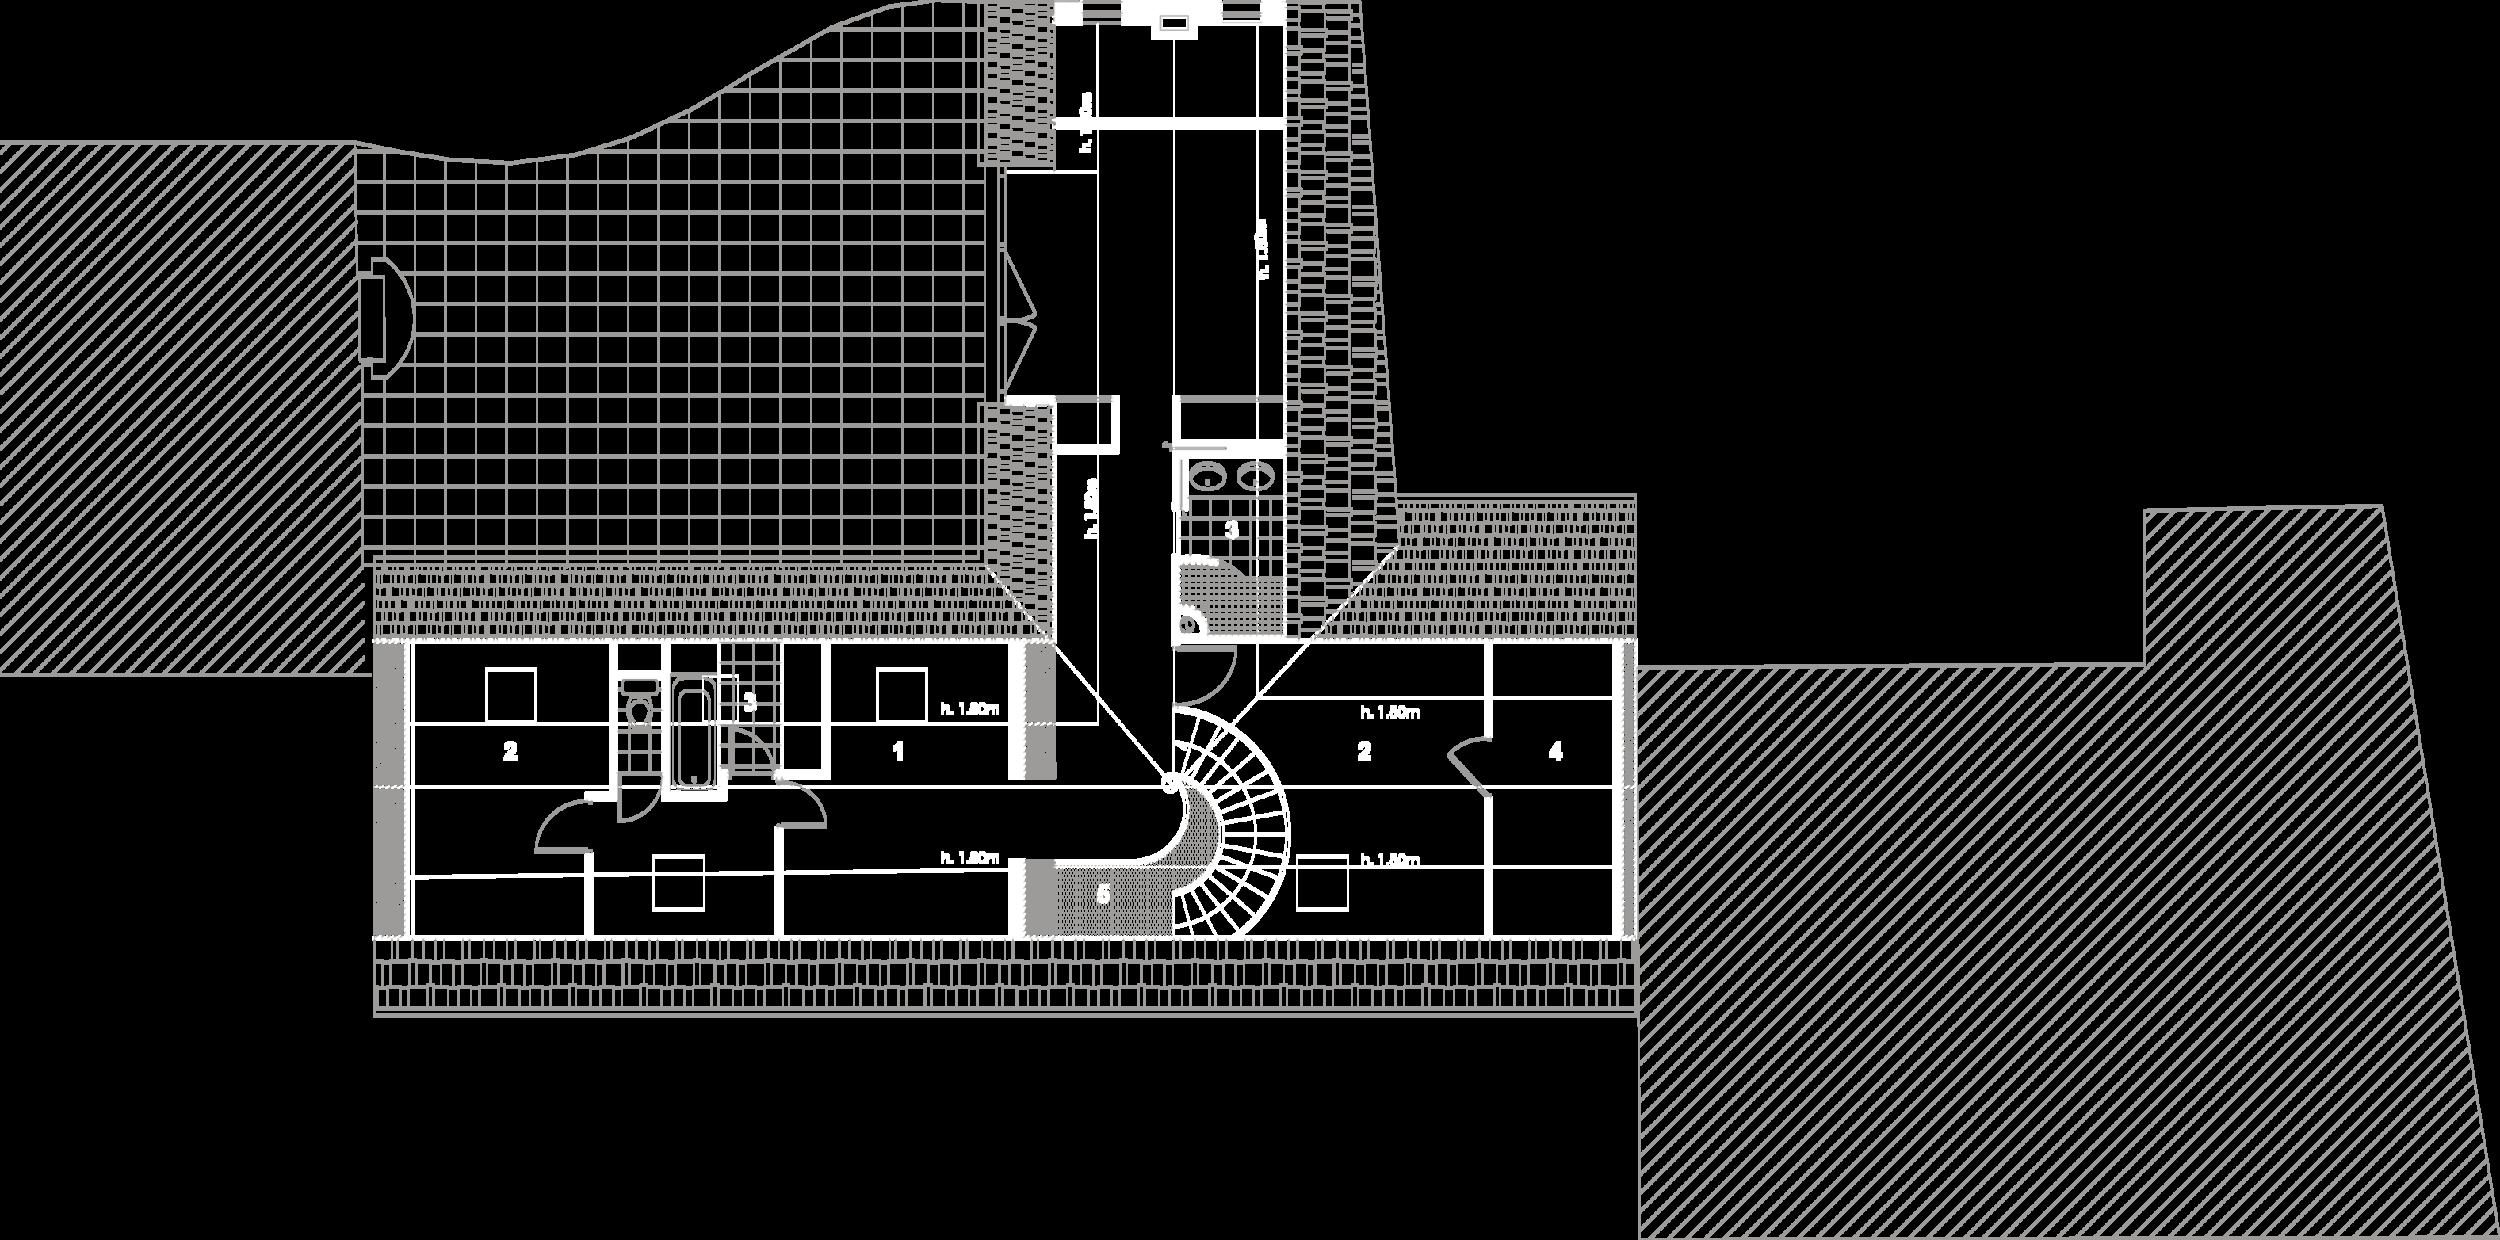 Plan du premier étage :  1- Salle de jeux, 2- Chambre, 3- Salle de bain, 4- Rongements, 5- Vide sur entrée.